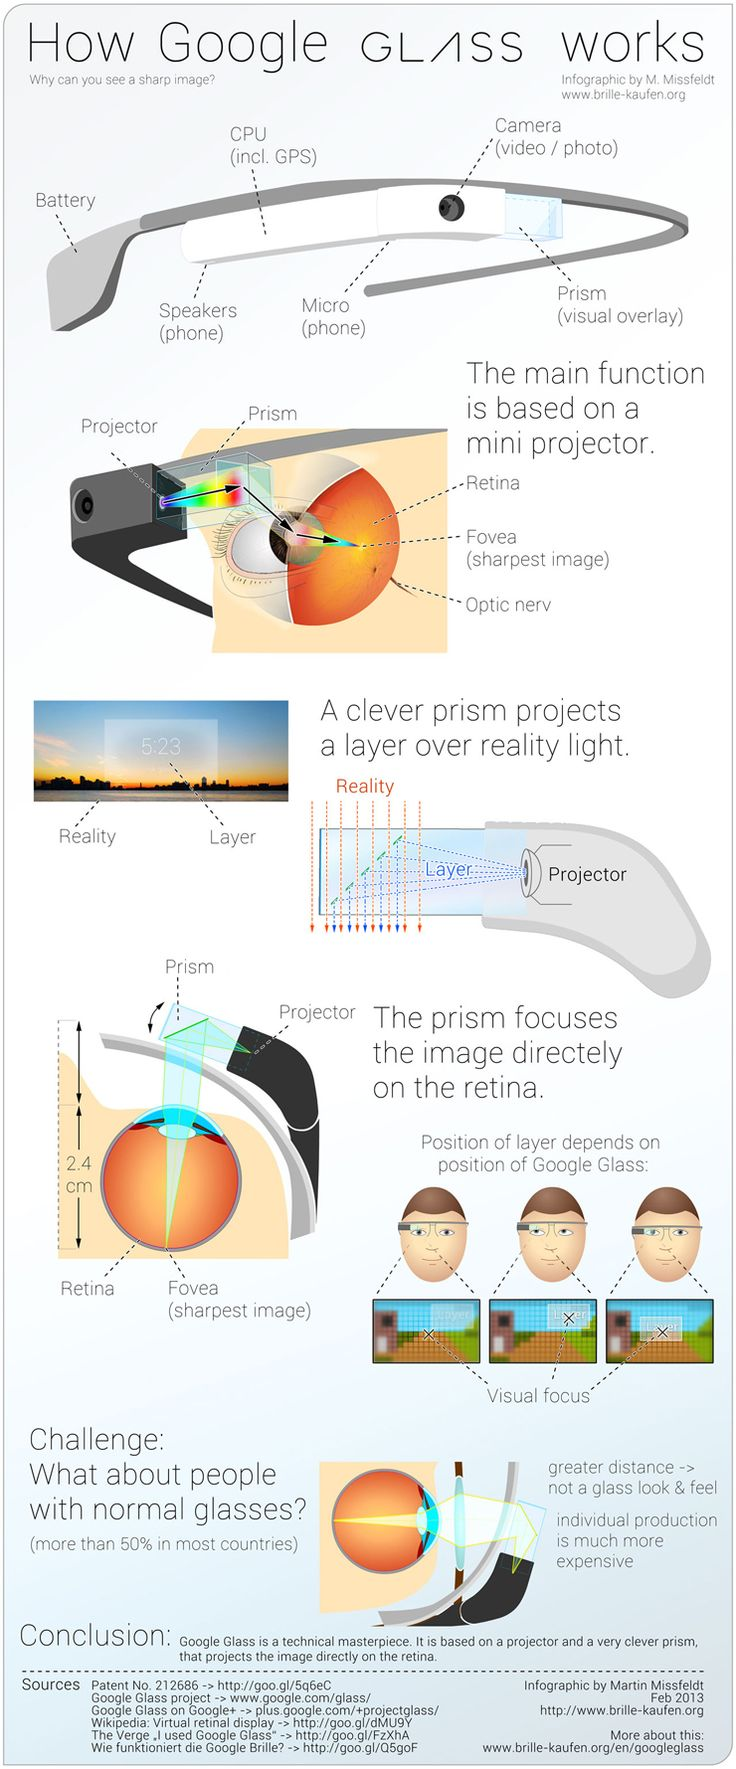 #EAv (e)LOCRIS @John Evans   Google Glass - How it works - #infographic